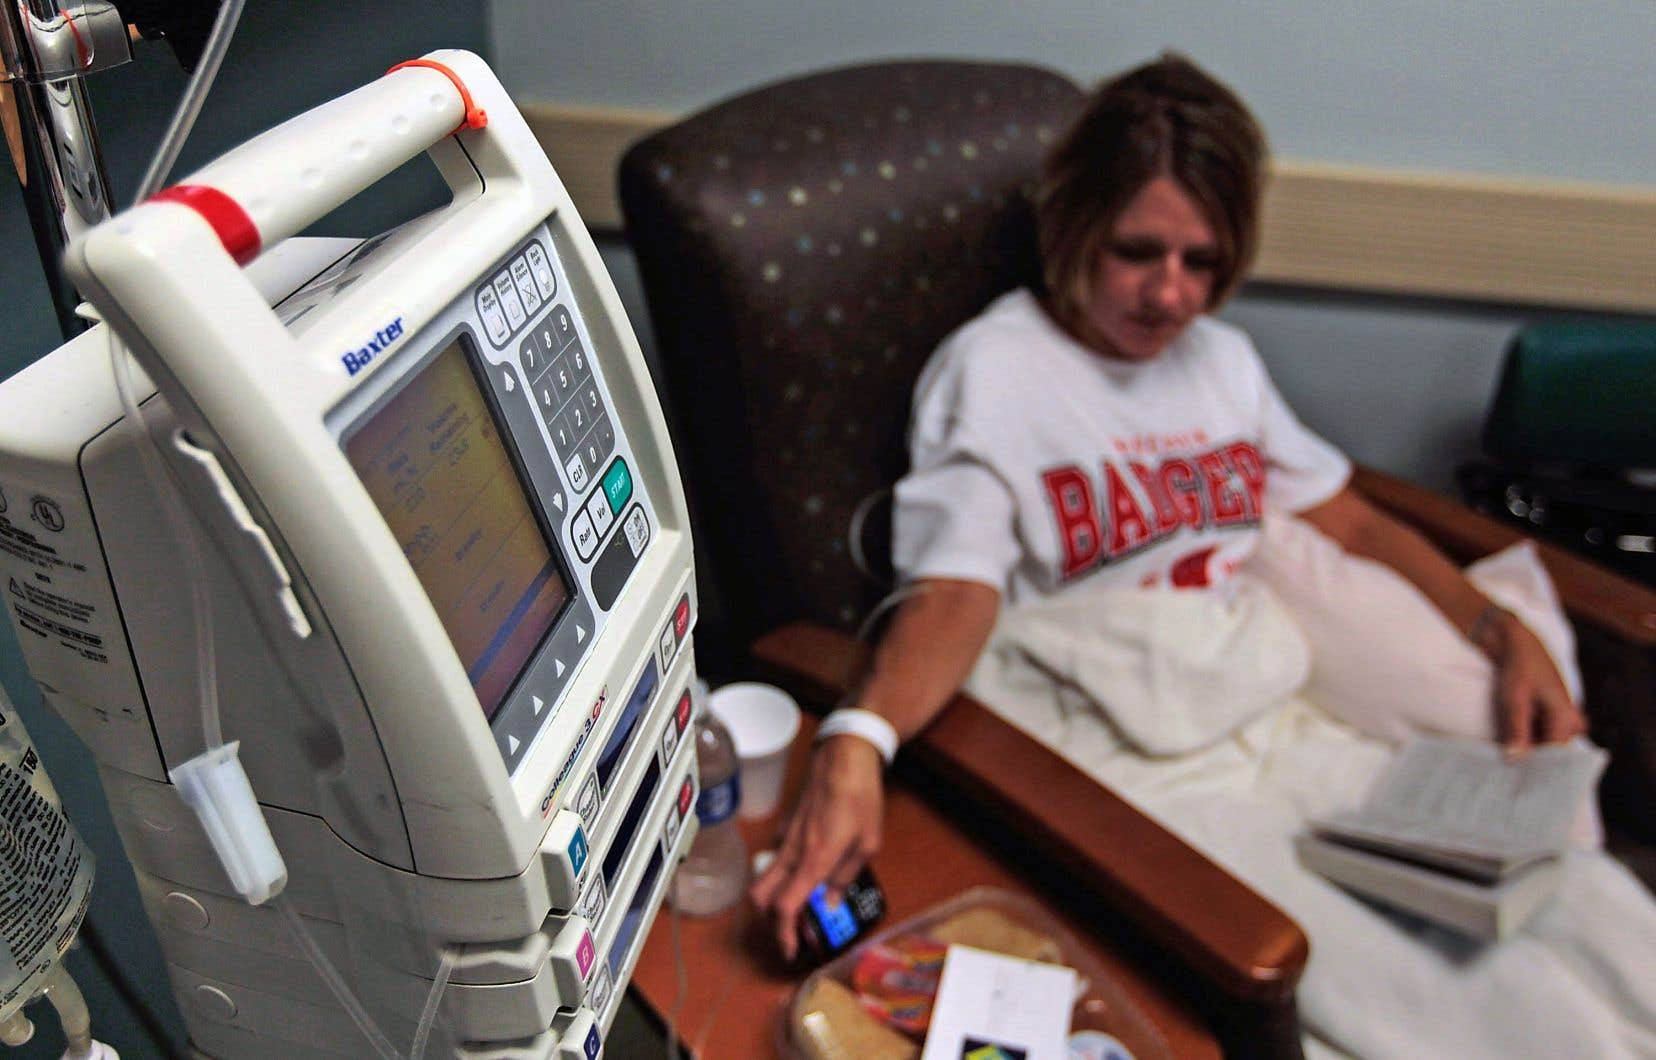 La majorité des patients souffrant du cancer du sein et du cancer du poumon pourrait éviter nausées, perte de cheveux et autres maux provoqués par la très toxique chimiothérapie.